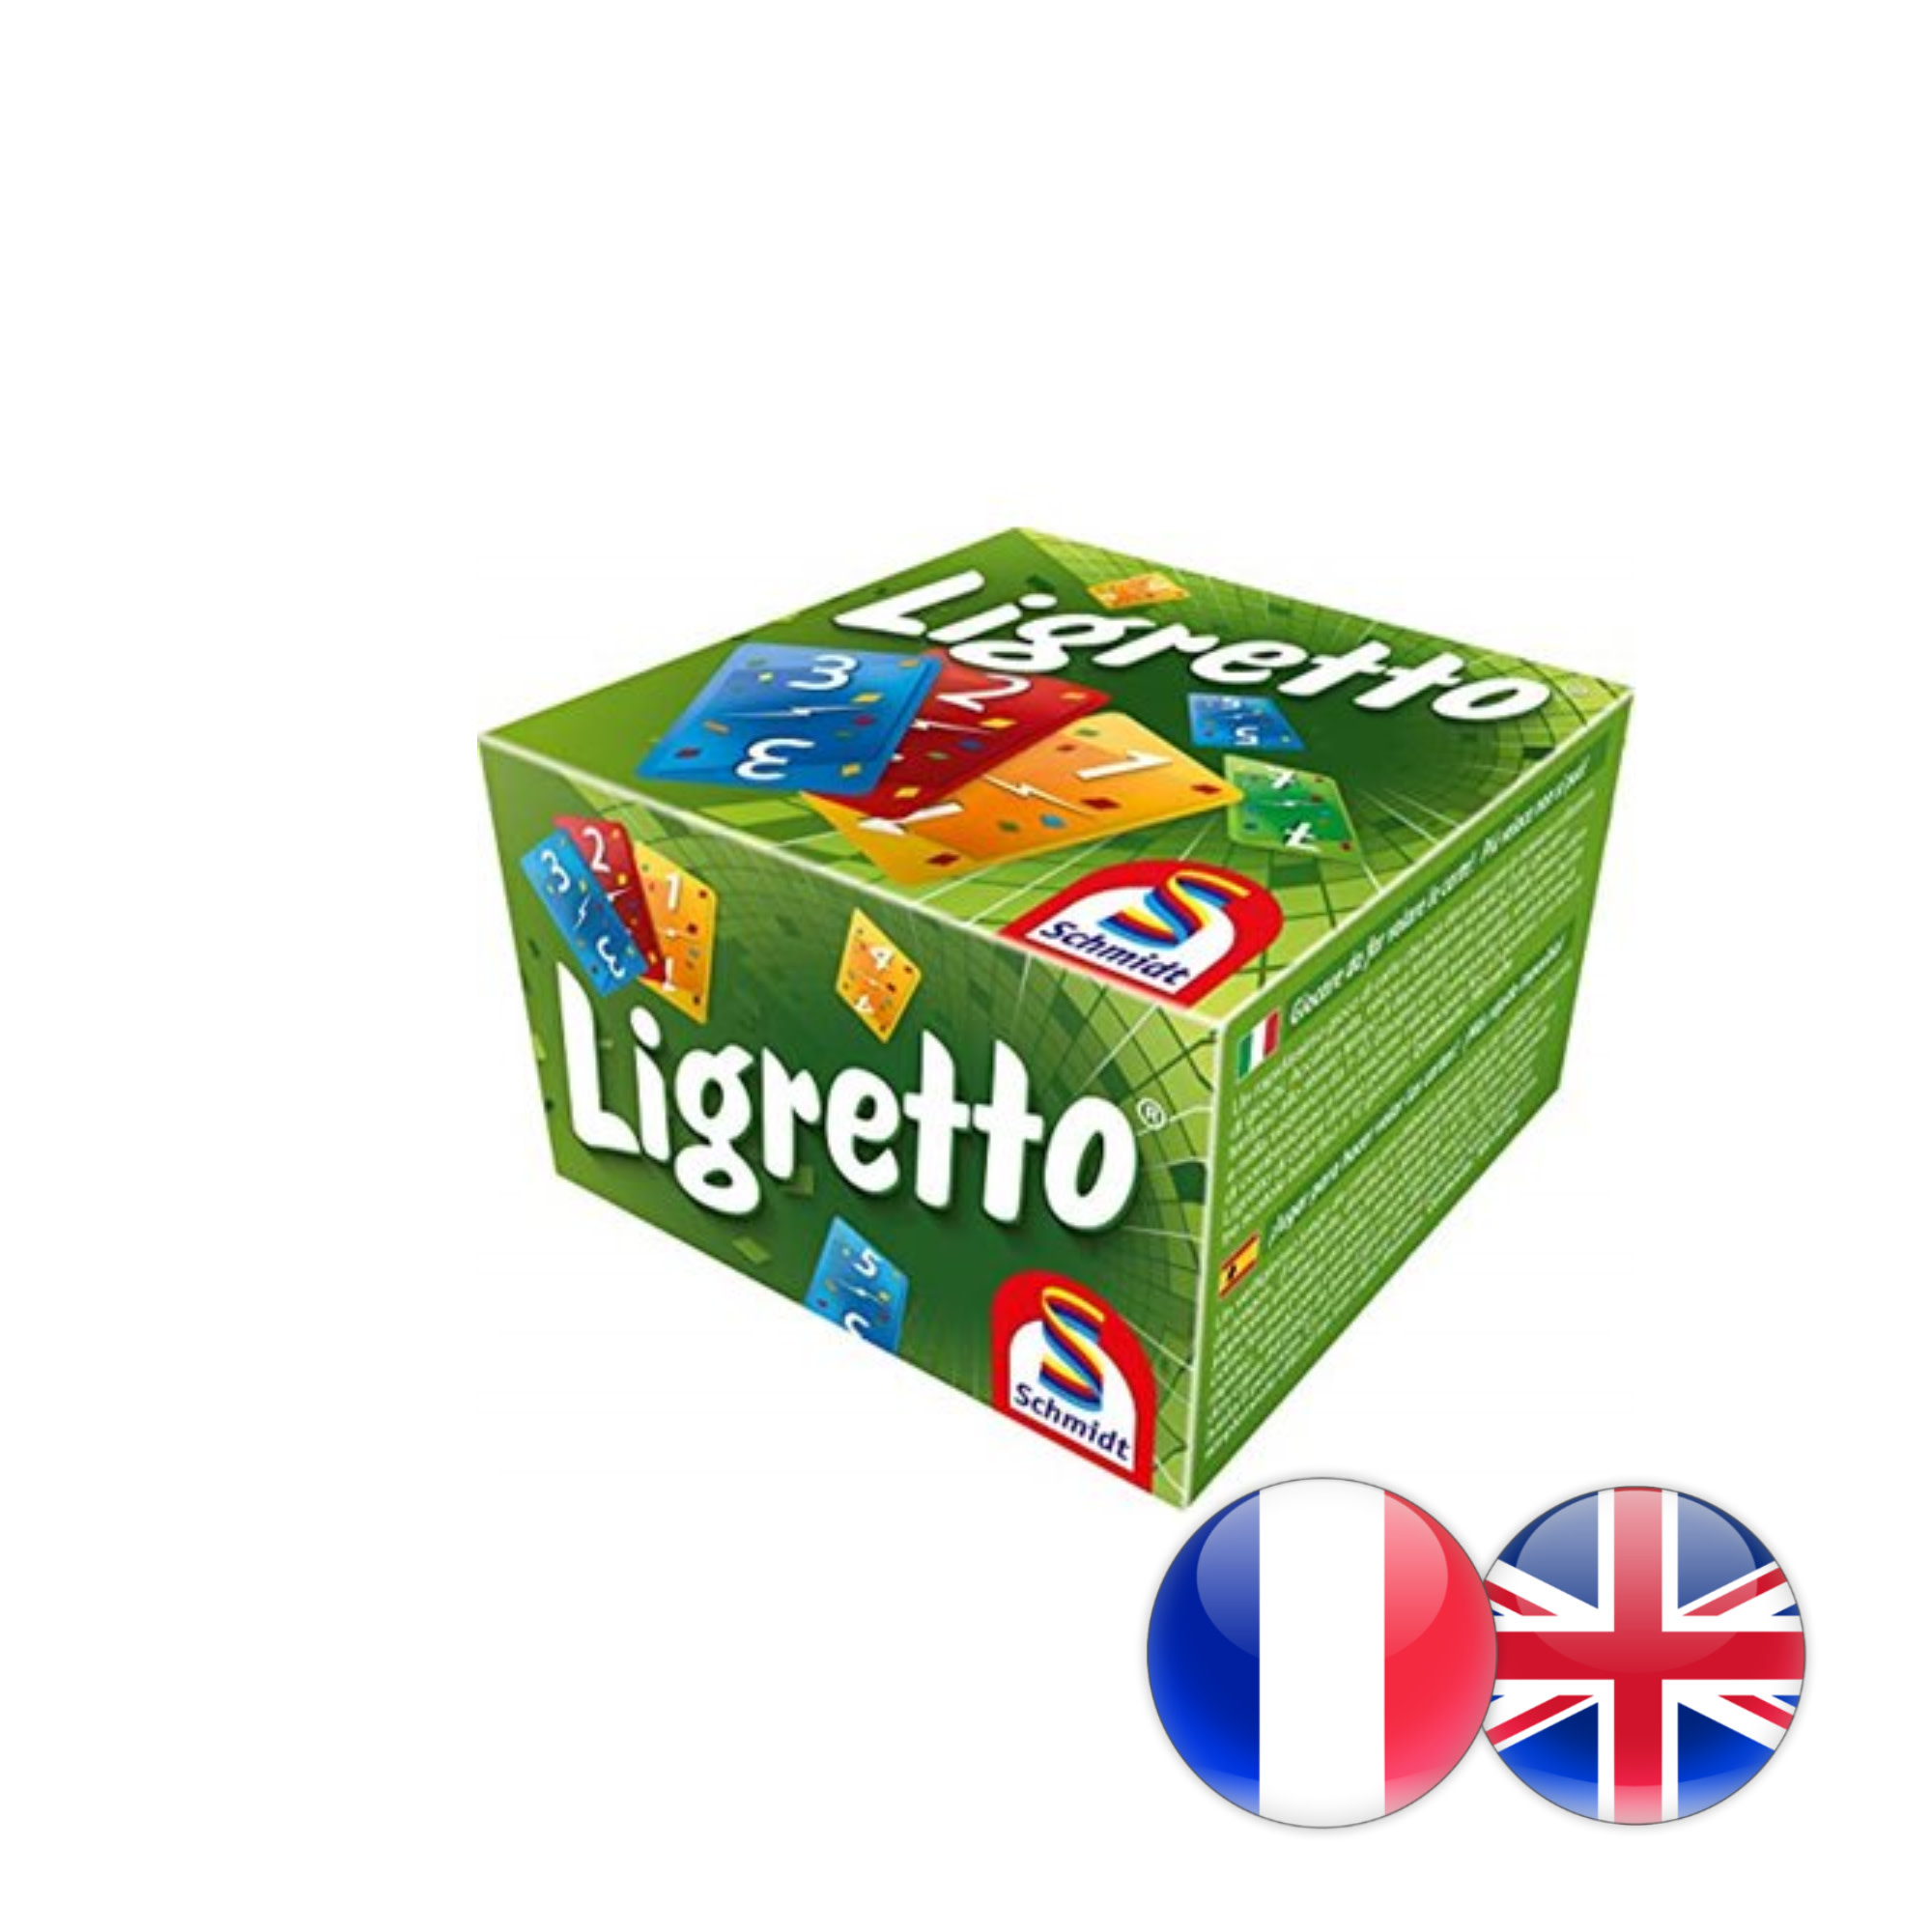 Schmidt Ligretto Green